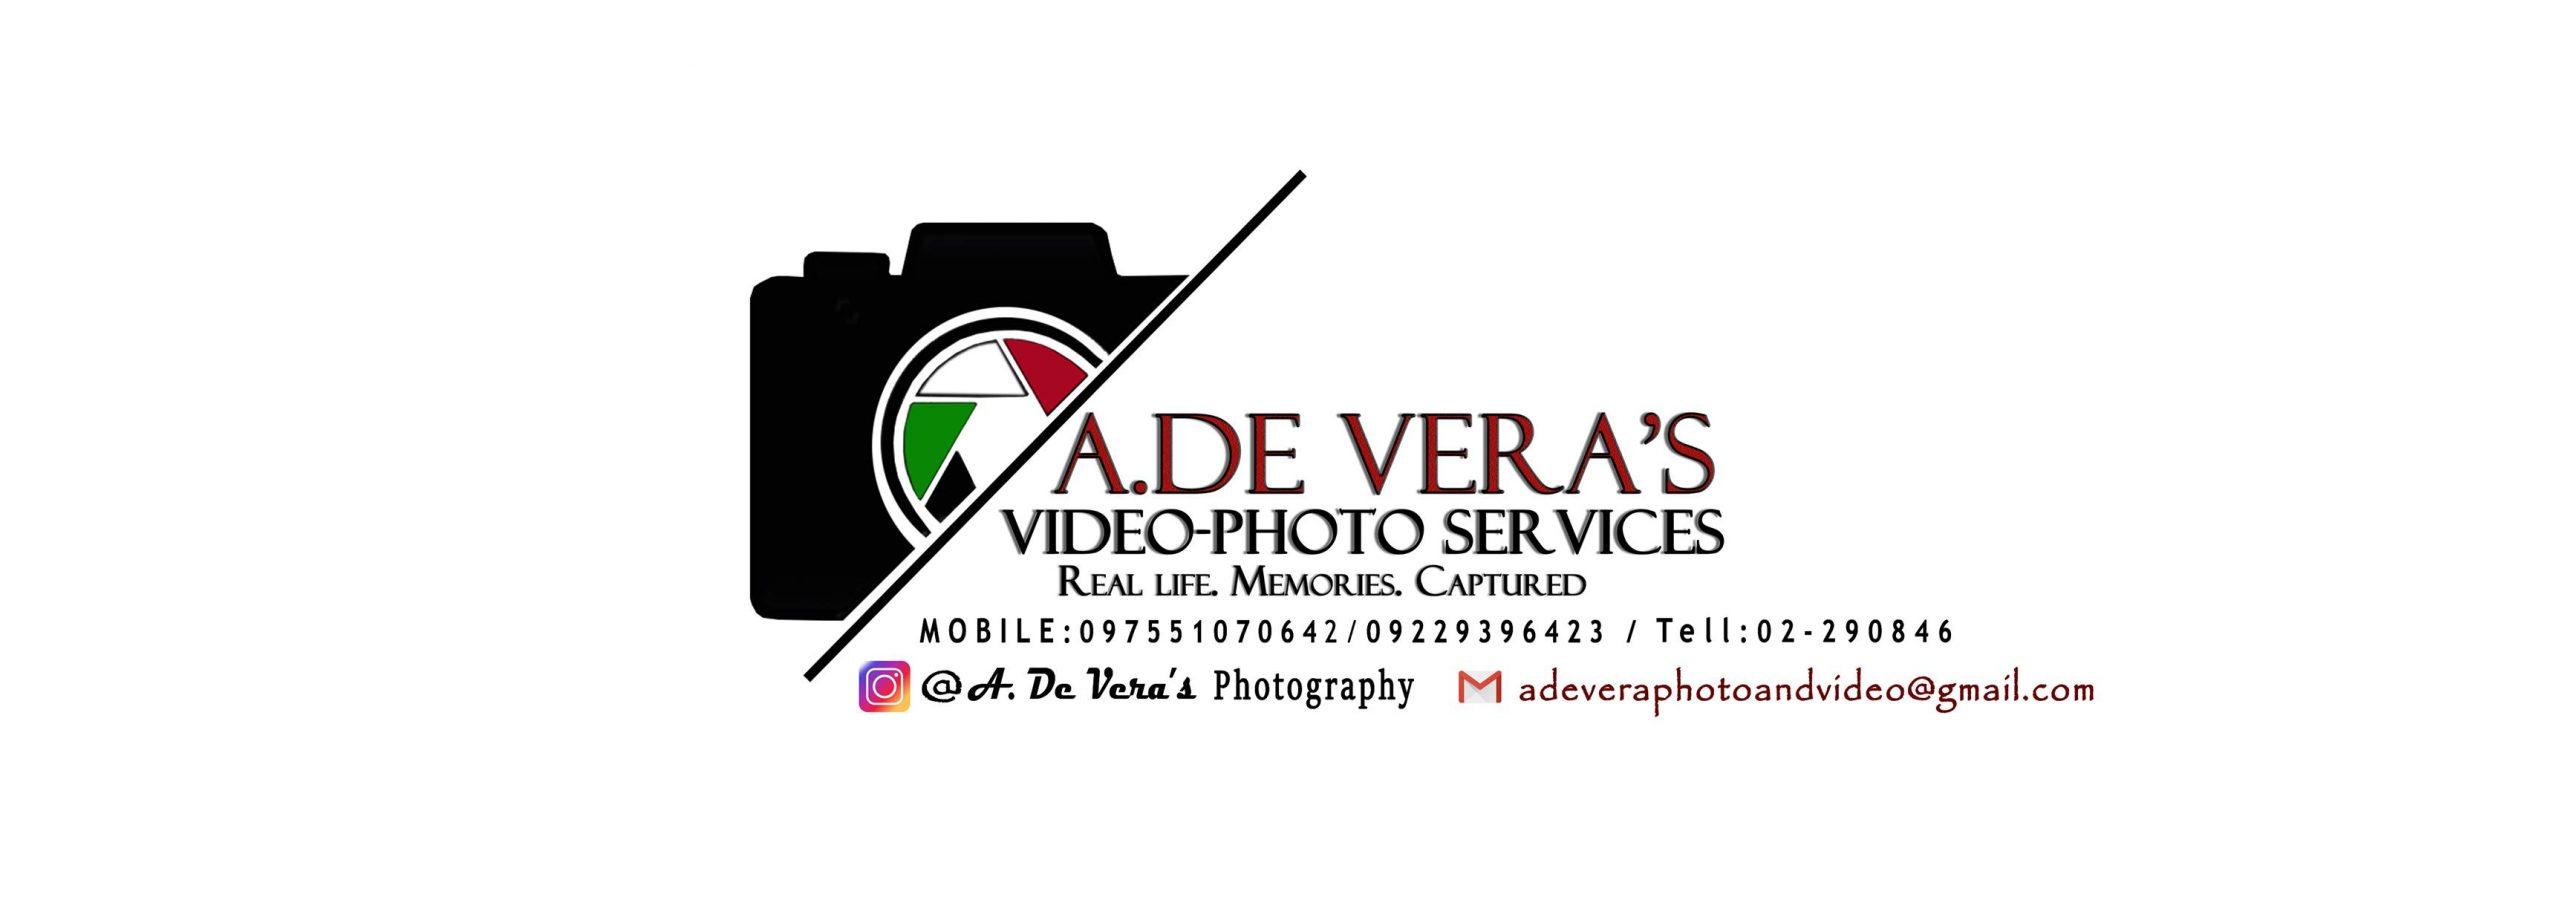 A. De Vera Photography